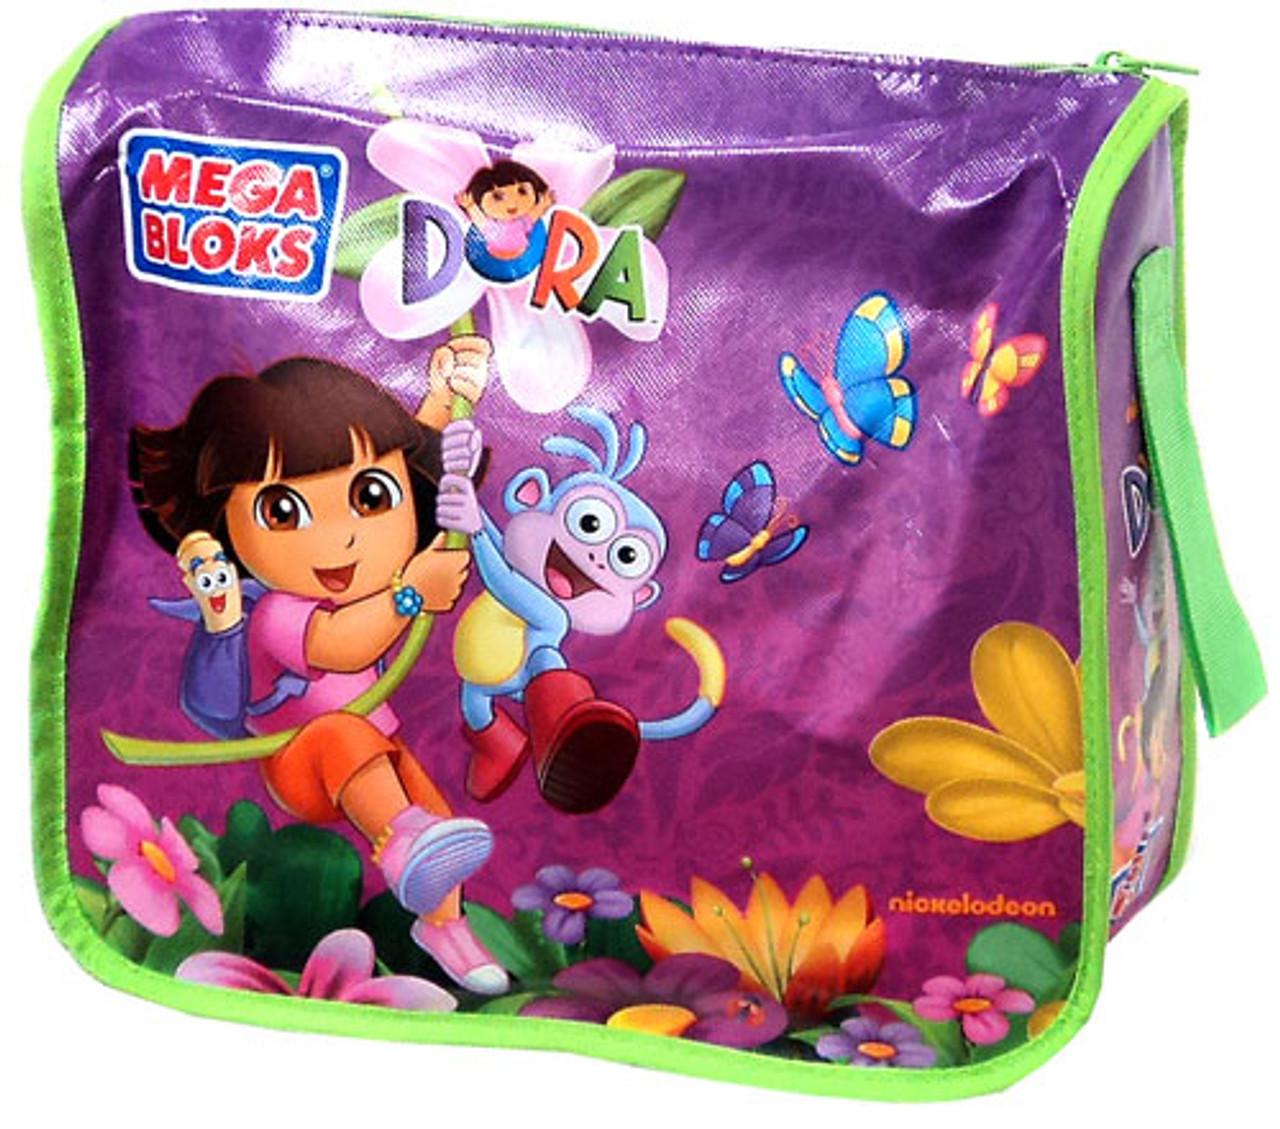 Mega Bloks Dora the Explorer Dora to the Rescue Set #2925